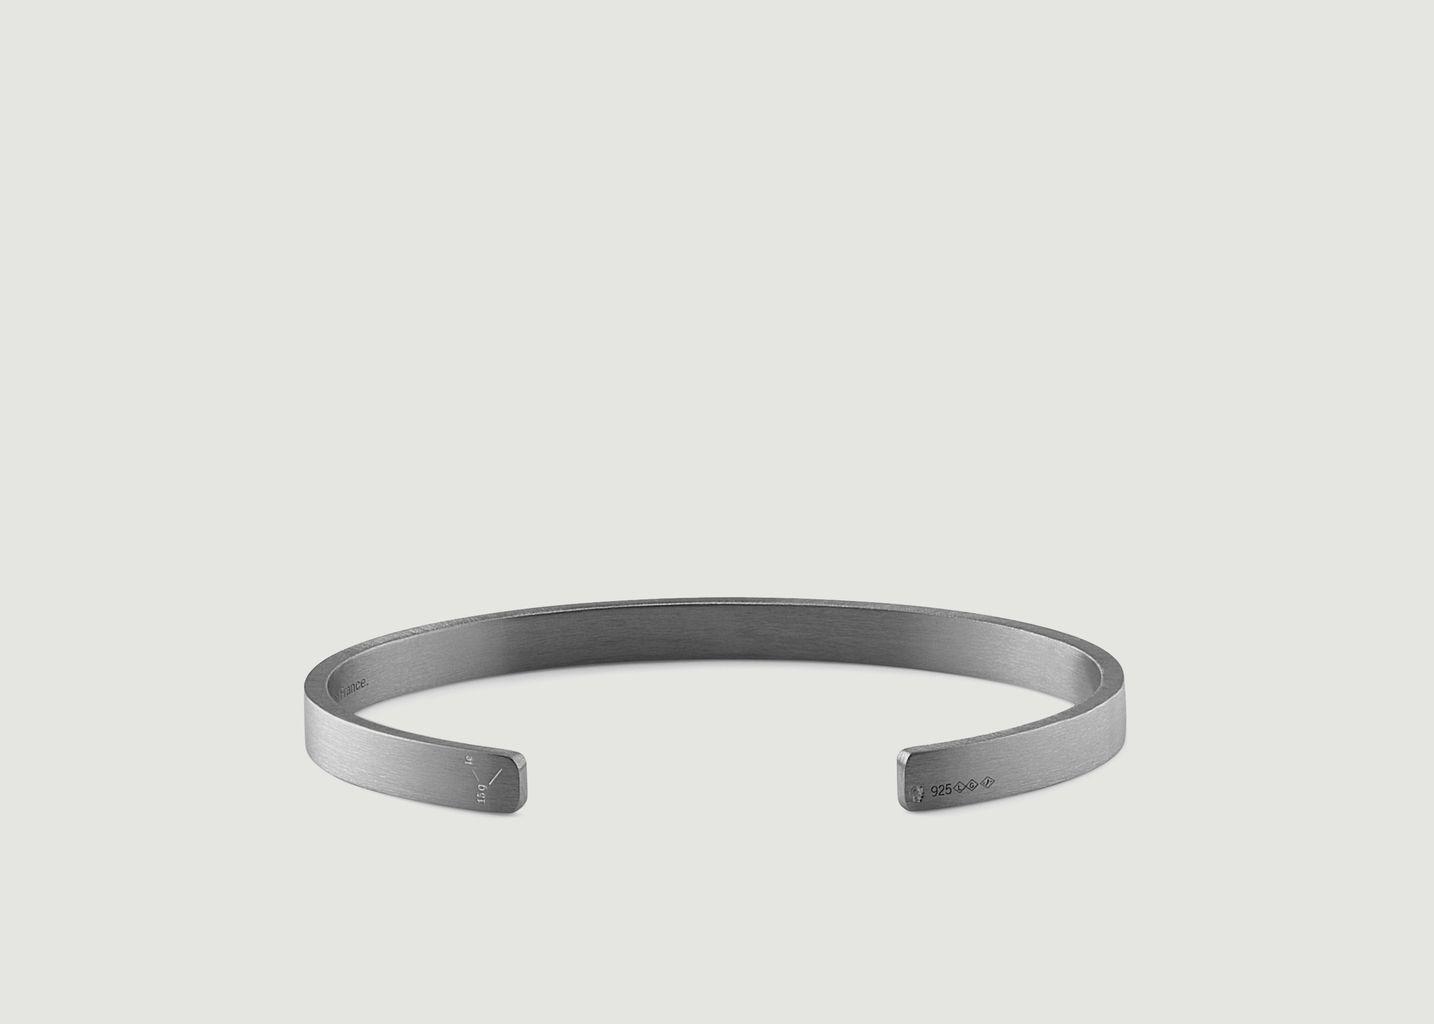 Bracelet Le 15 Grammes - Le Gramme